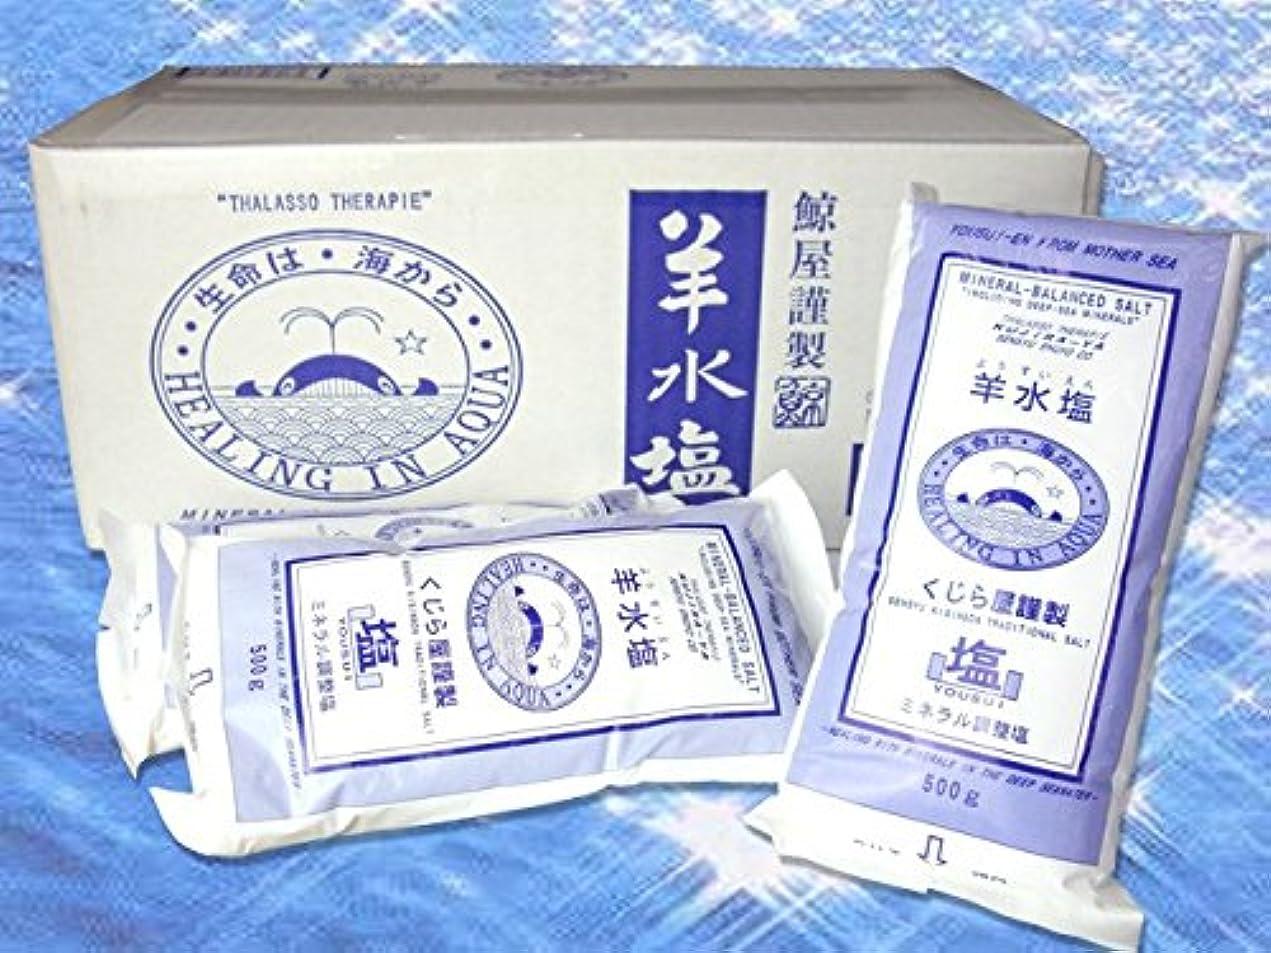 近代化スポンサーエトナ山美容 入浴剤 羊水塩 500g×20袋 ミネラルや海洋深層水イオン等を人体液と同様に配合 ミネラル調整塩